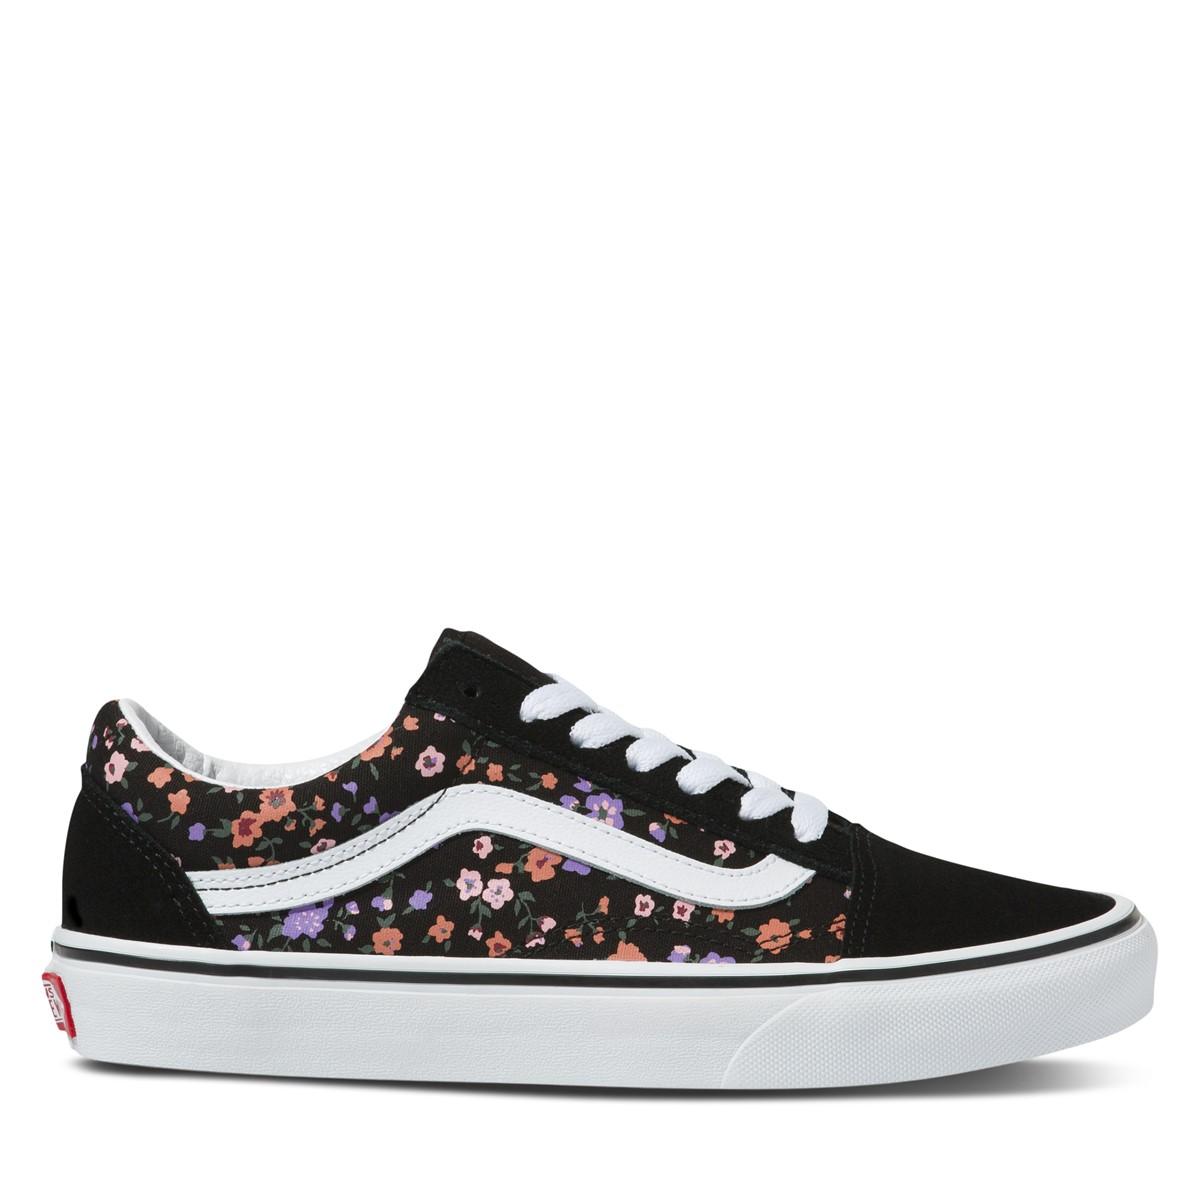 Floral Old Skool Sneakers in Black/White